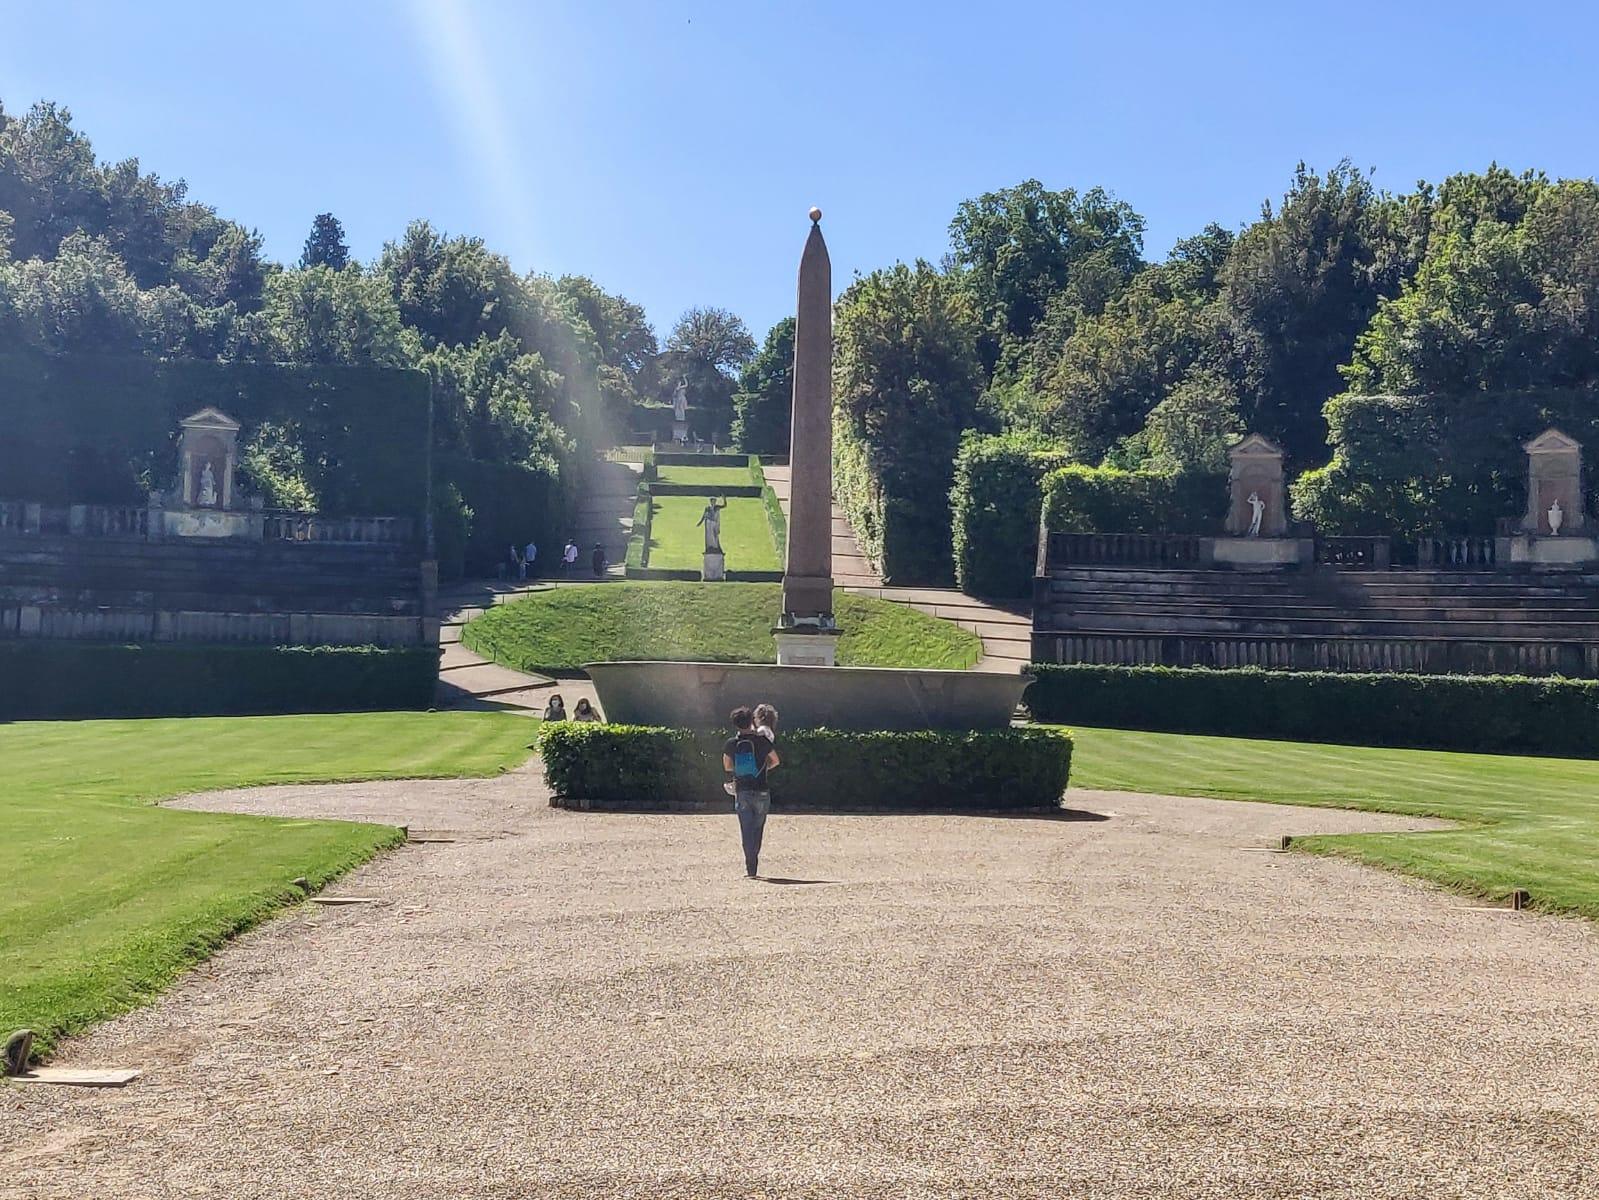 Oltre 2mila visitatori per il weekend di riapertura del Giardino di Boboli